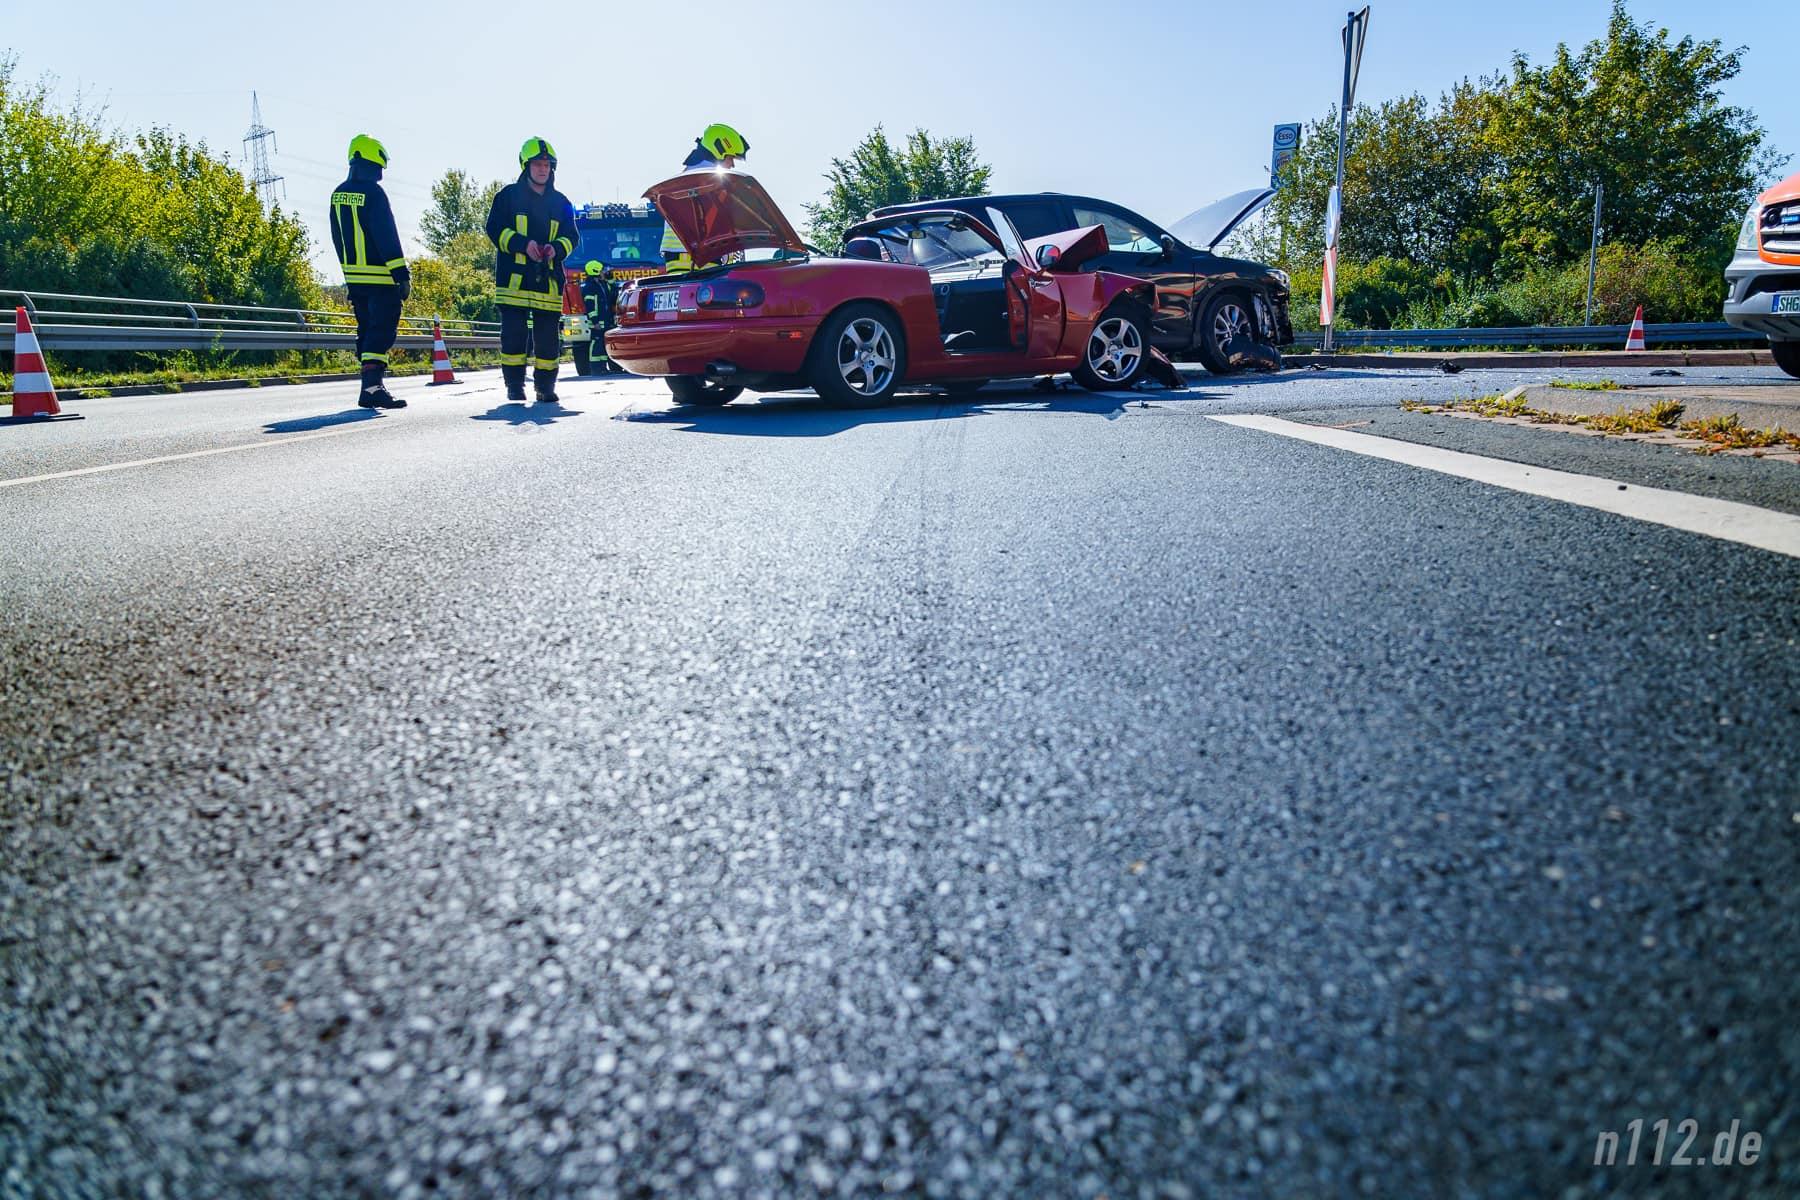 Bremsspur ohne ABS: Der Cabrio-Fahrer fuhr gegen die Sonne und hatte keine Chance mehr, rechtzeitig zum Stehen zu kommen (Foto: n112.de/Stefan Simonsen)